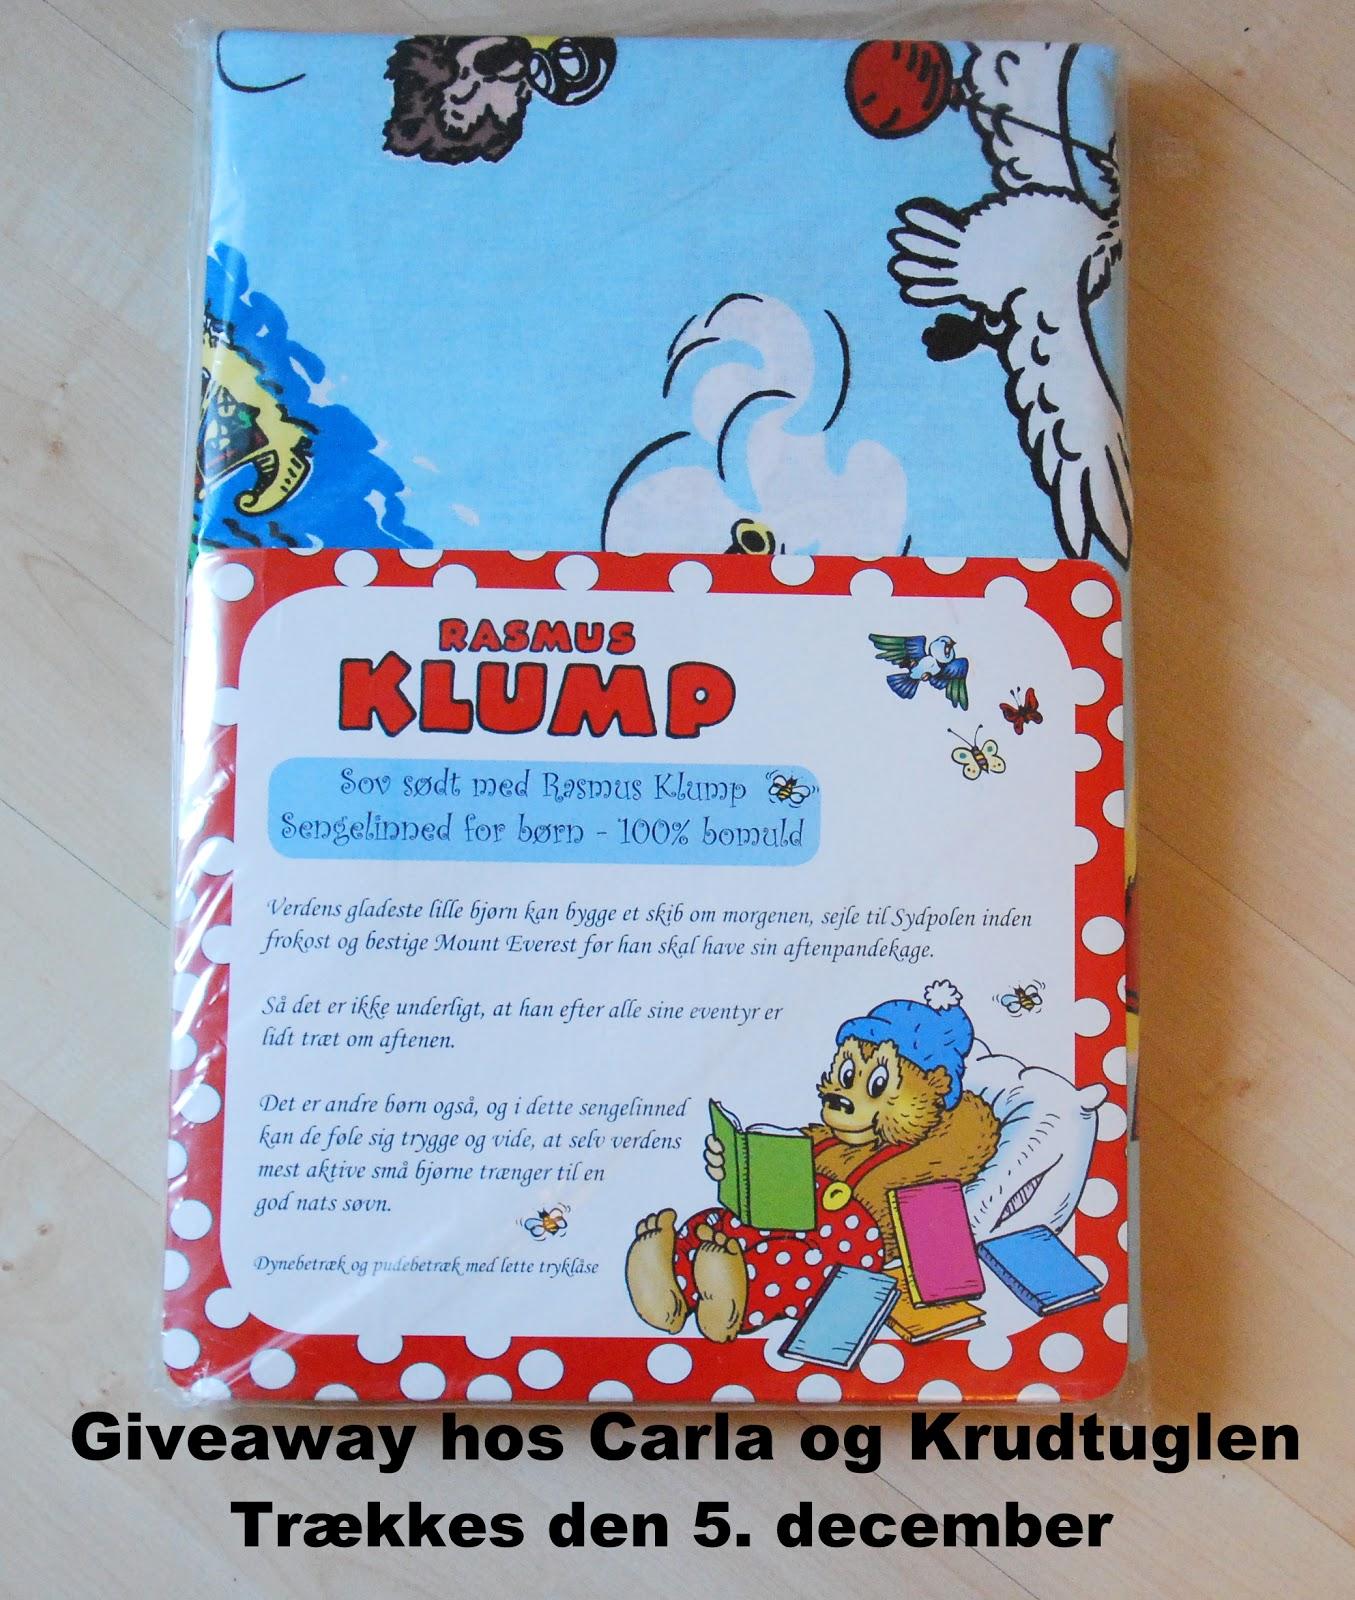 rasmus klump sengetøj Carla og krudtuglen: Giveaway med Rasmus Klump rasmus klump sengetøj